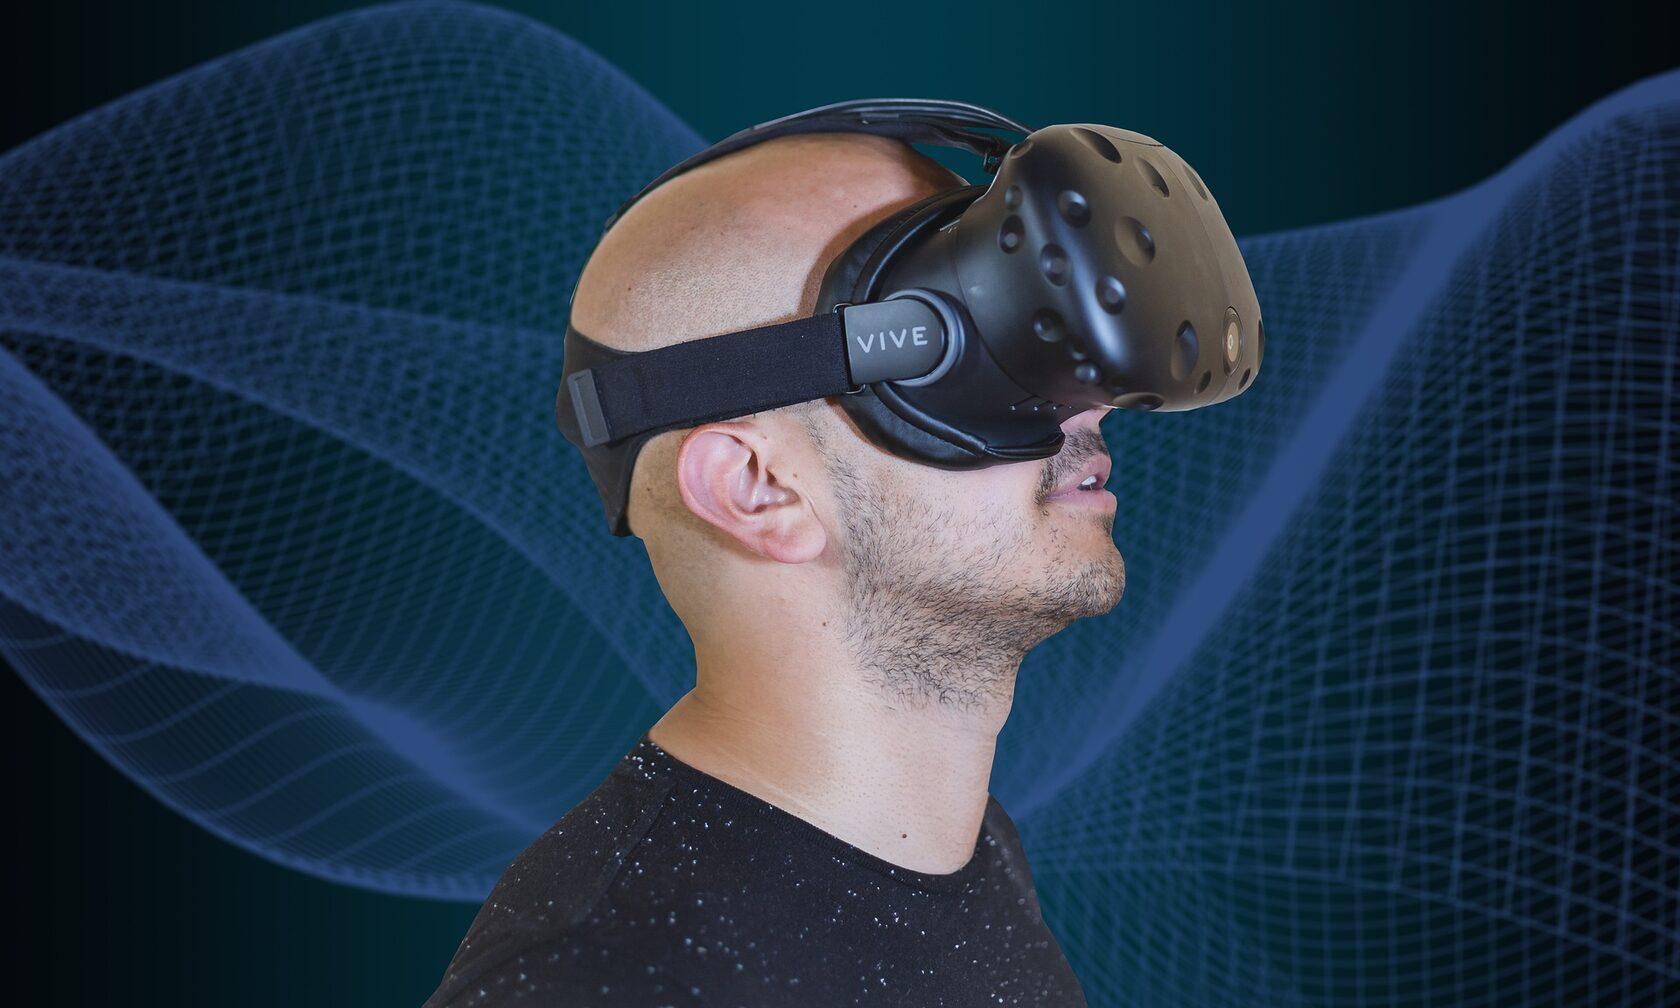 Франшиза виртуальной реальности | Купить франшизу.ру